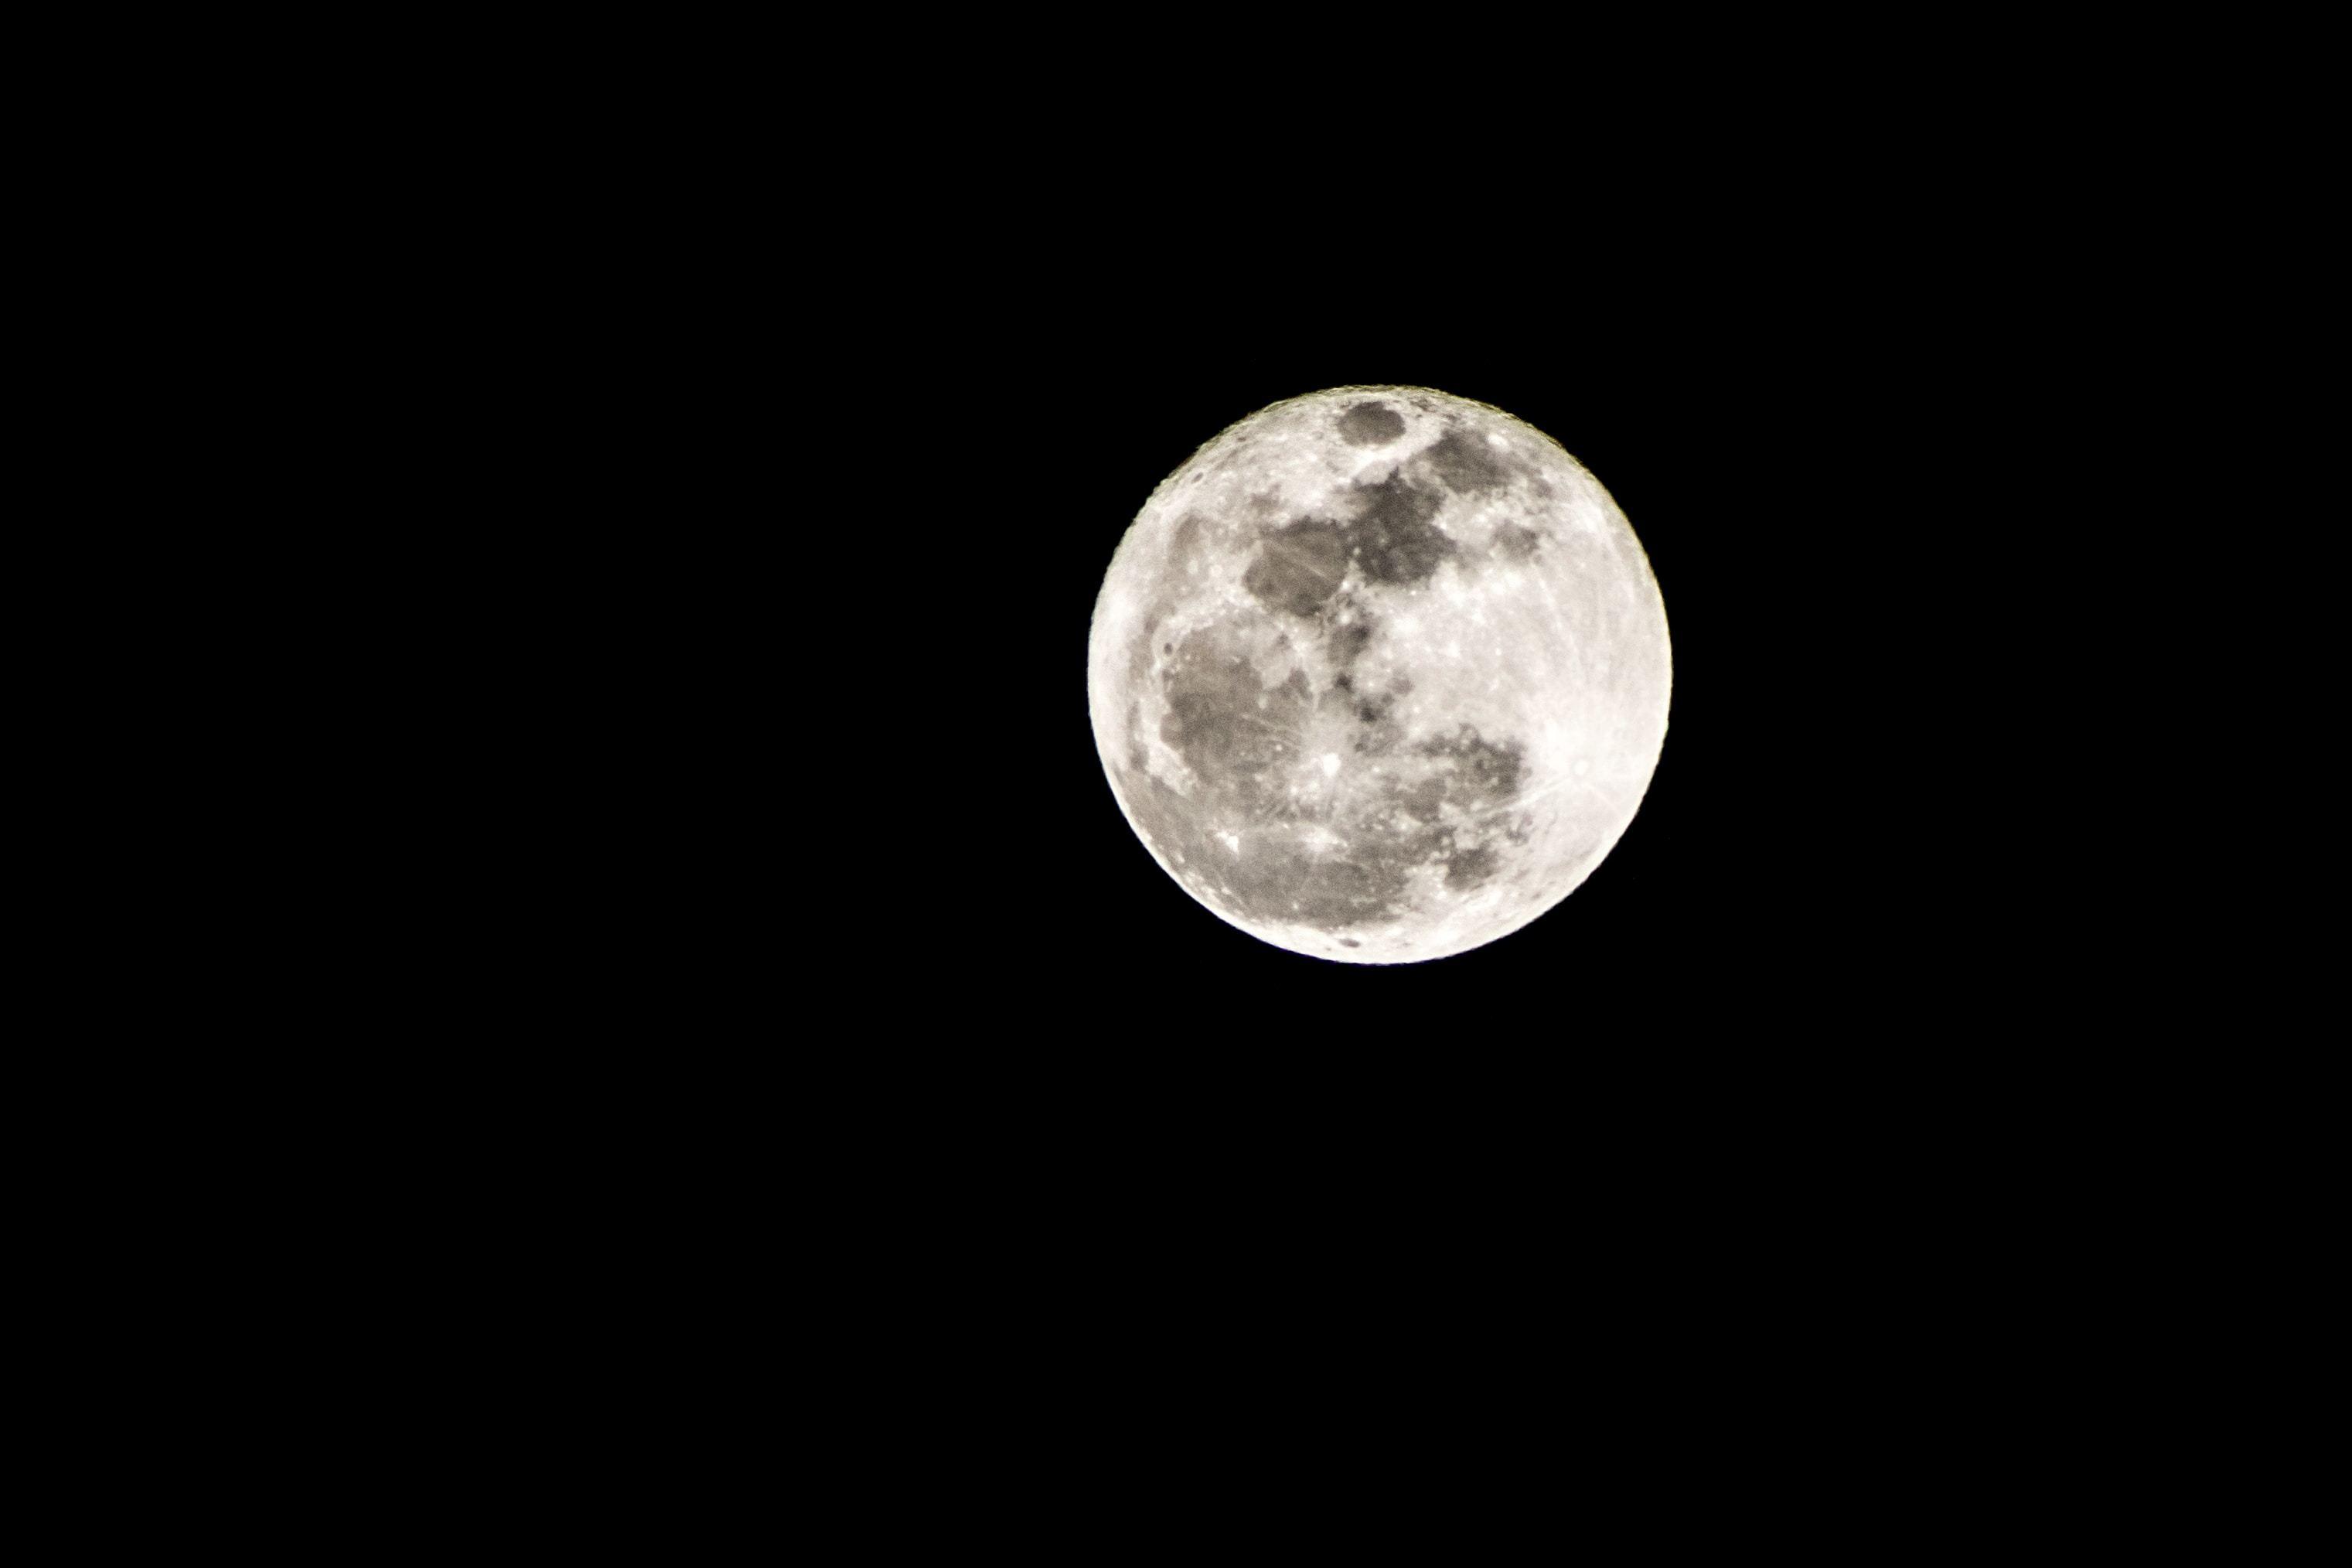 「月が綺麗ですね」の意味とは?上手な返事の返し方の種類も紹介!